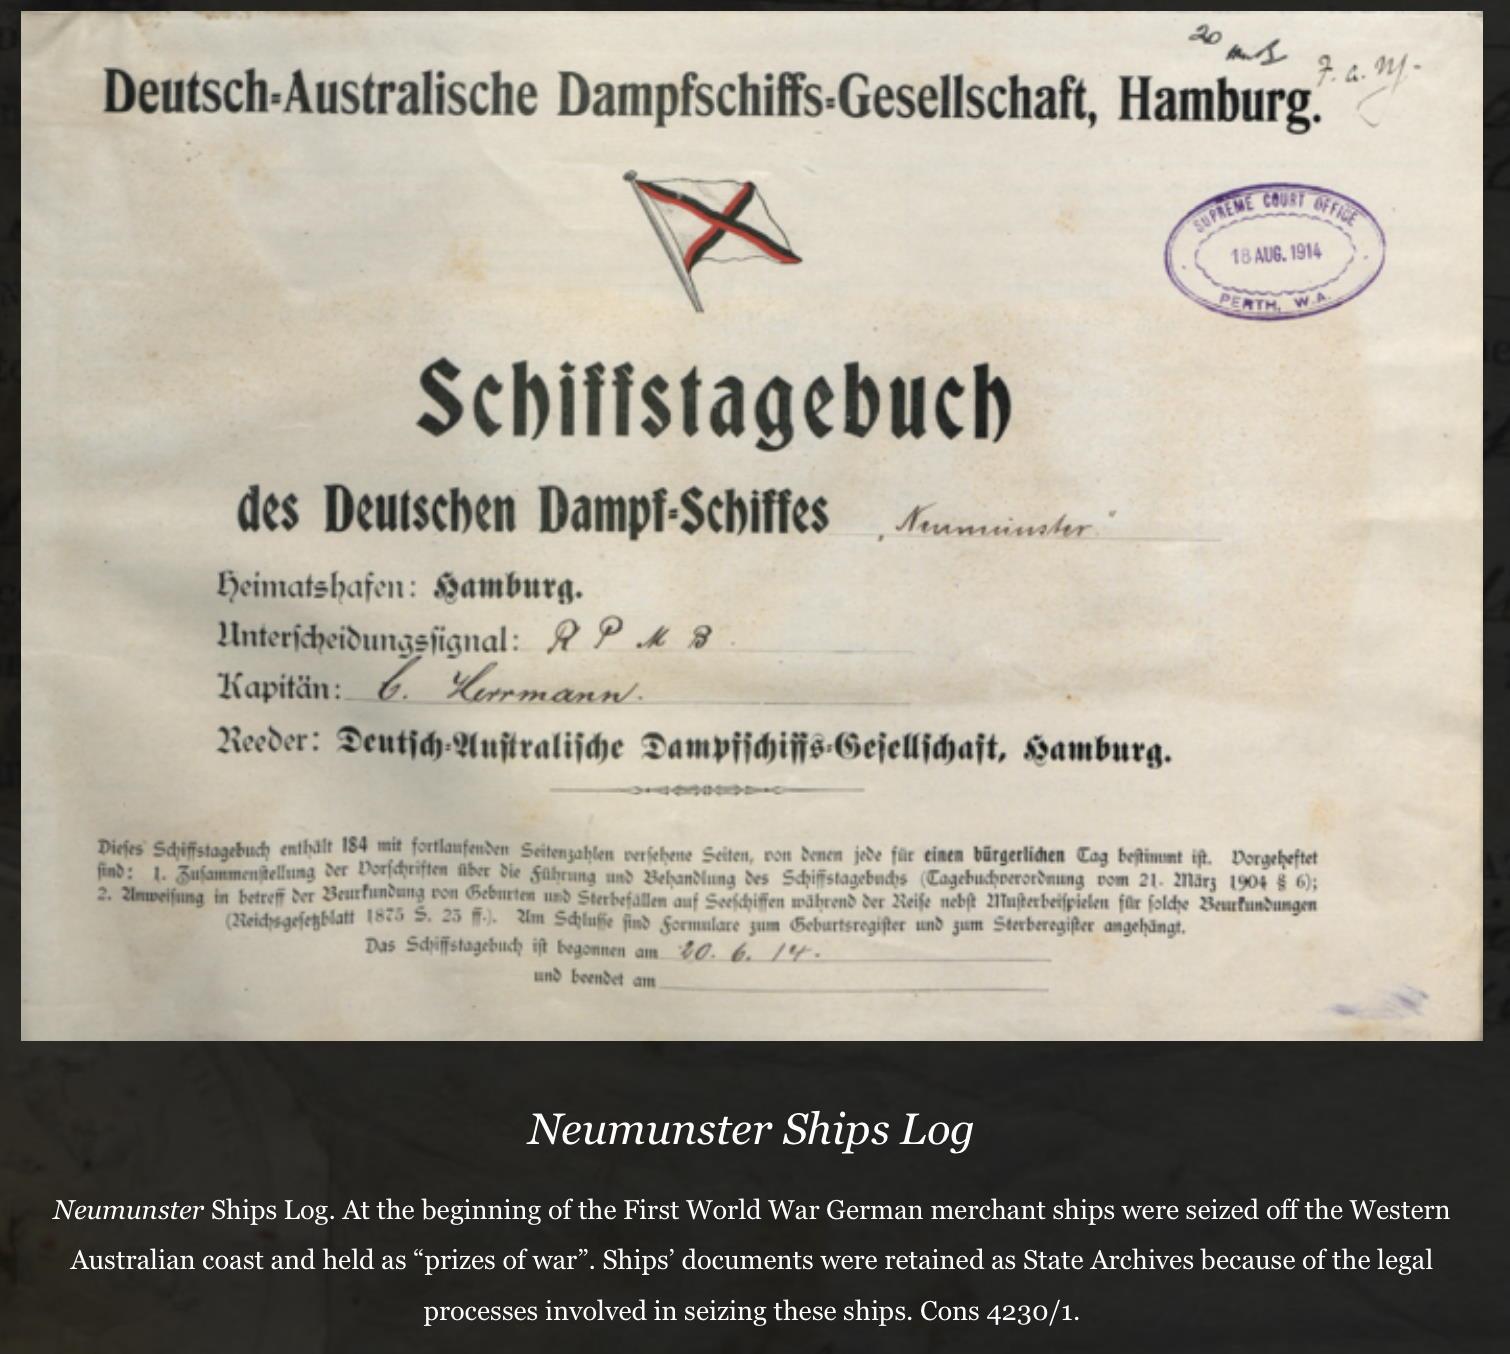 Logbuch Neumünster 1914, log book